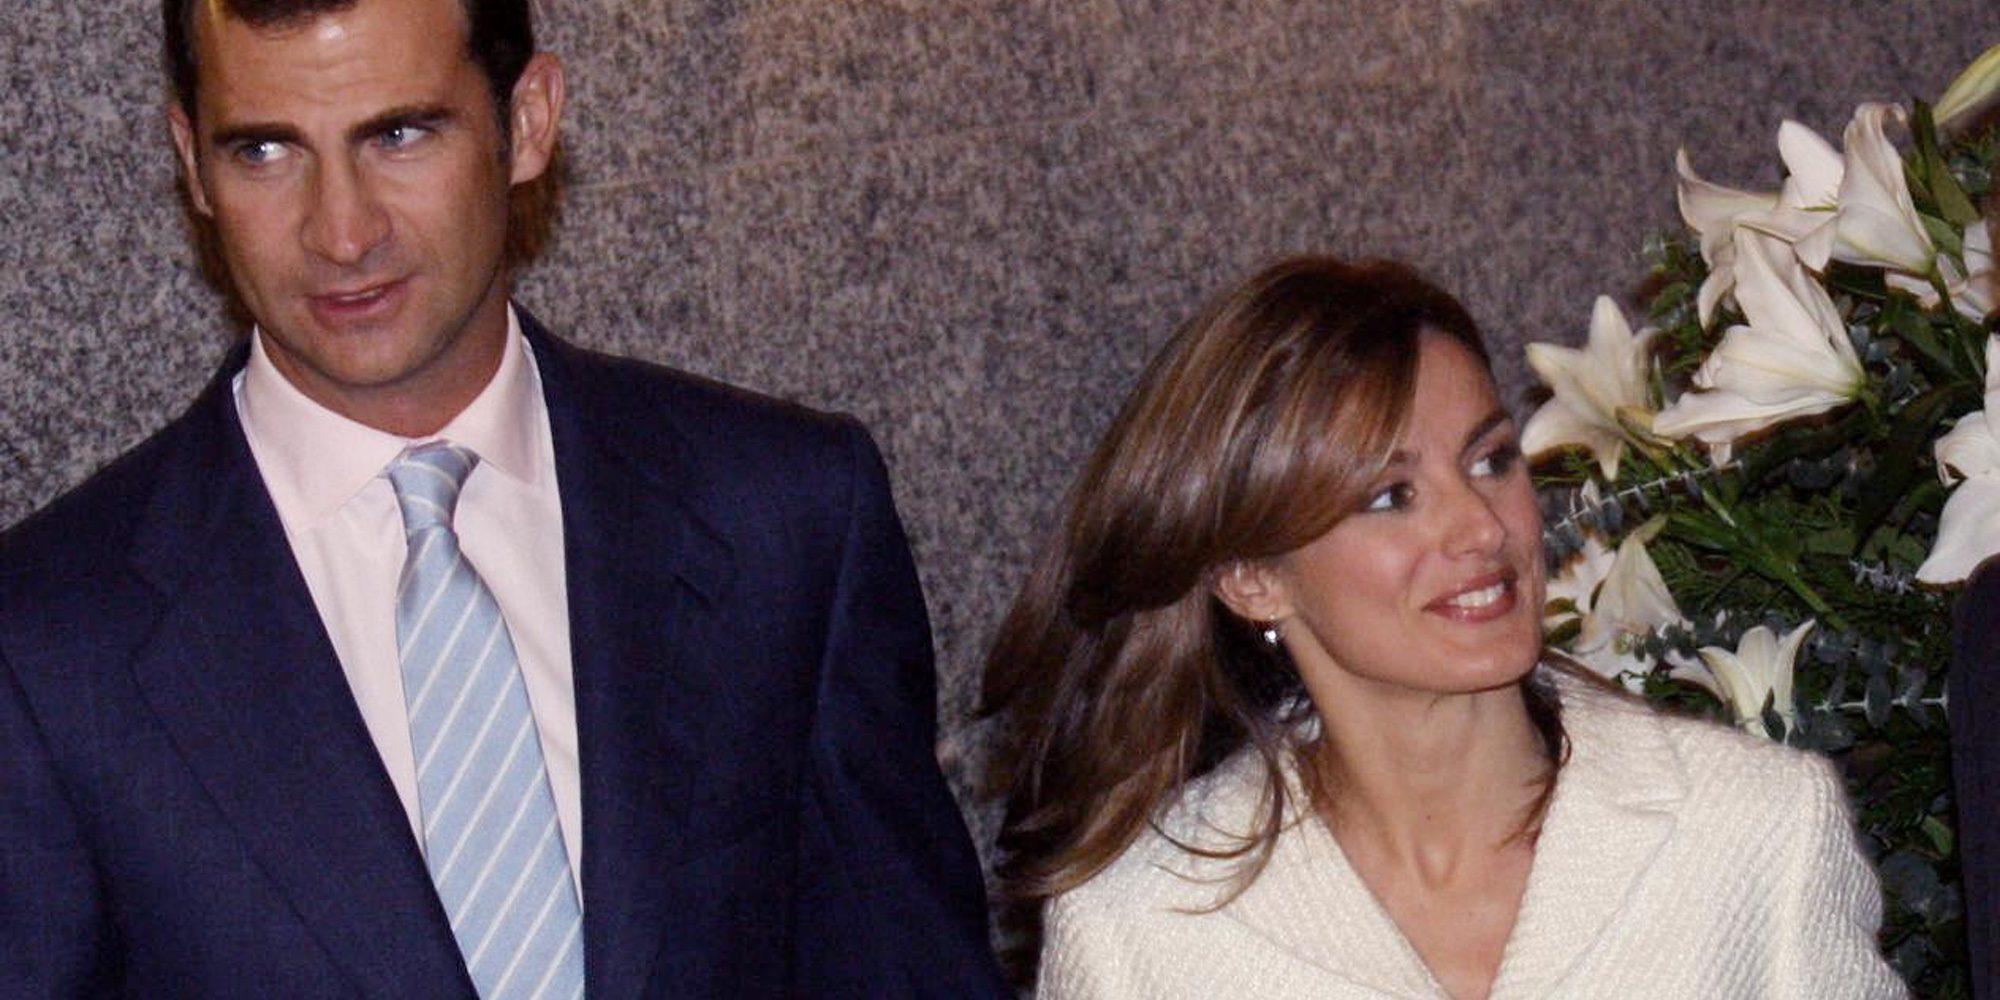 Los Reyes Felipe y Letizia celebran su aniversario secreto: la noche en la que empezó todo